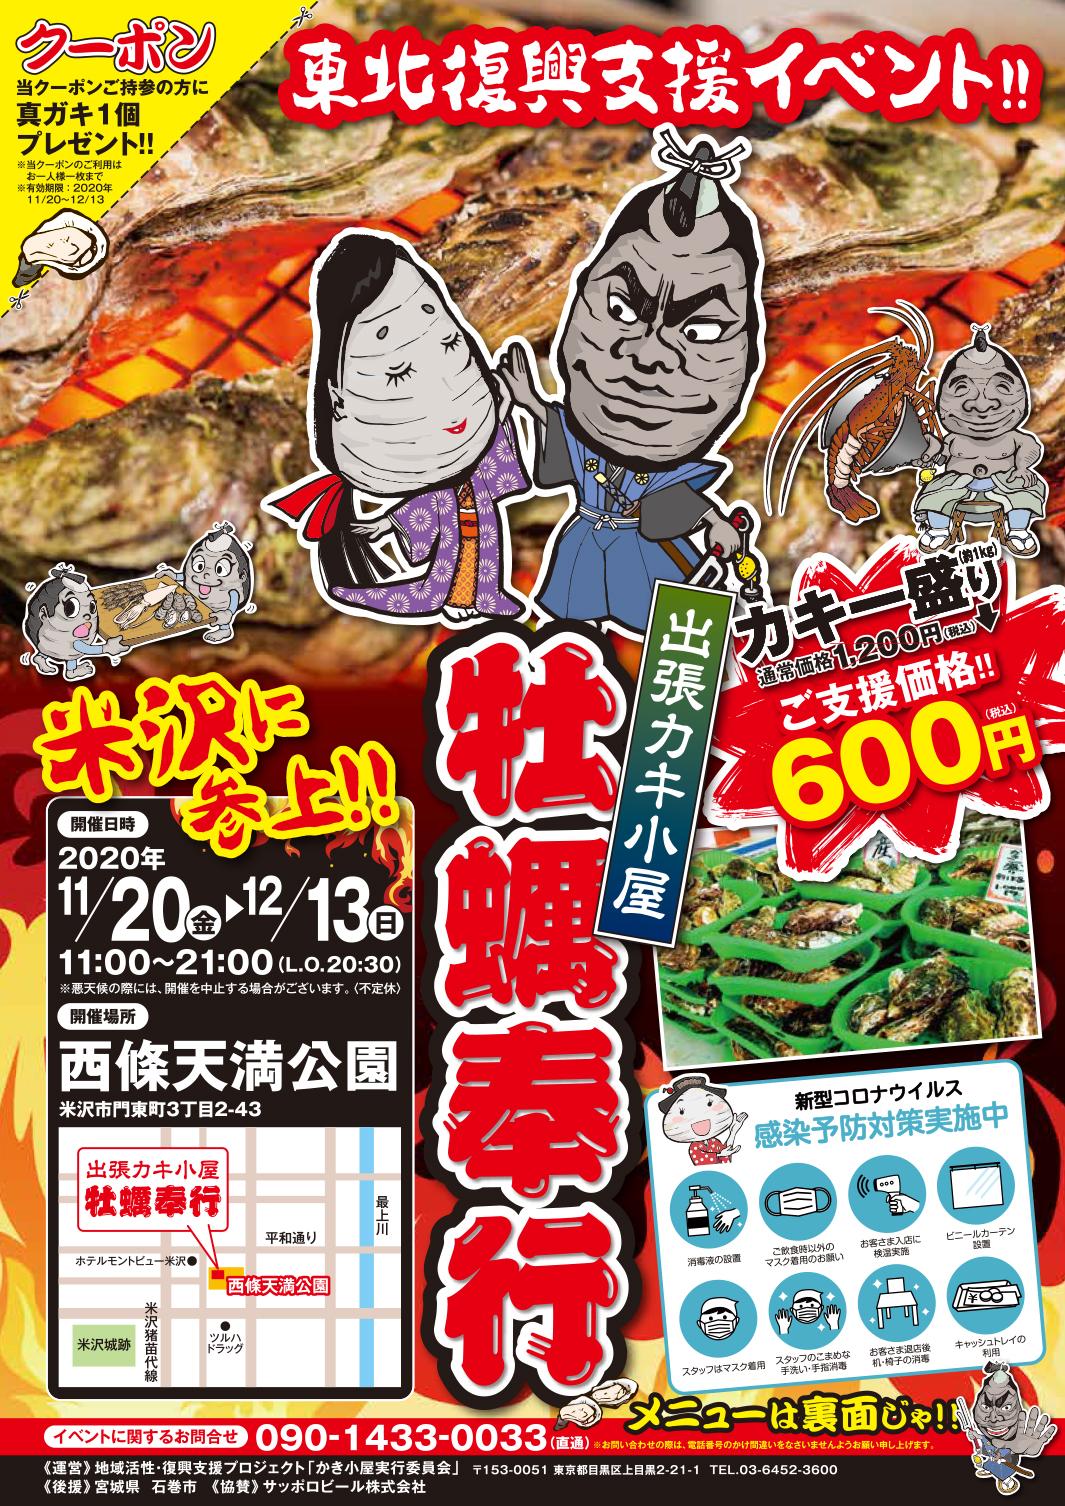 出張カキ小屋「牡蠣奉行」in 西條天満公園 2020年11月20日~12月13日開催